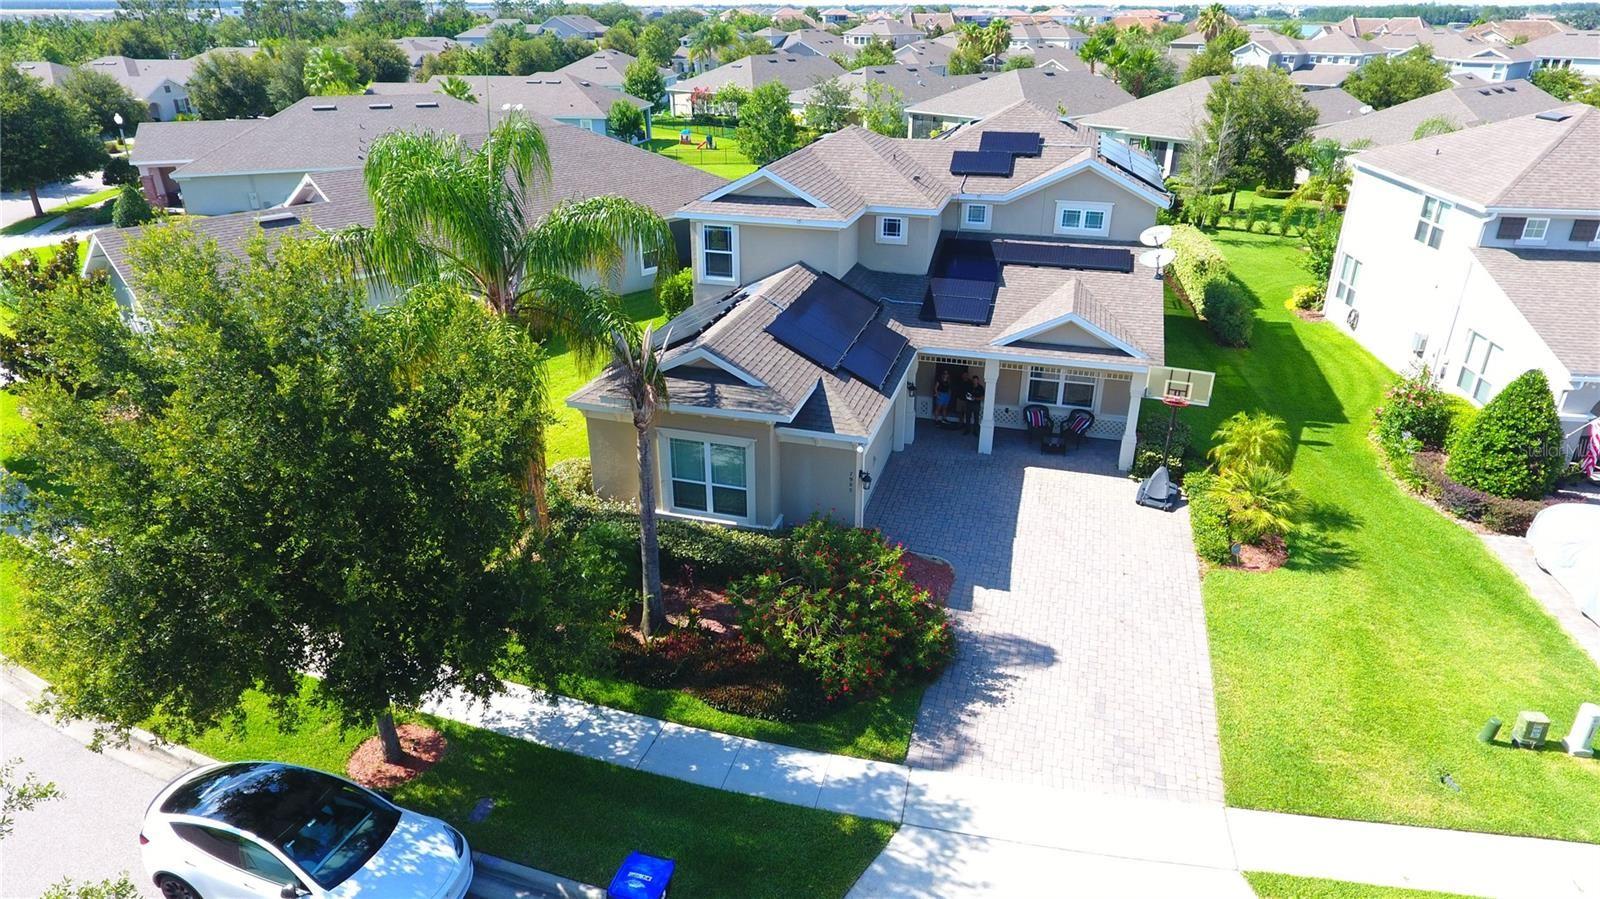 7905 MINUTEMEN LOOP, Winter Garden, FL 34787 - #: O5950517